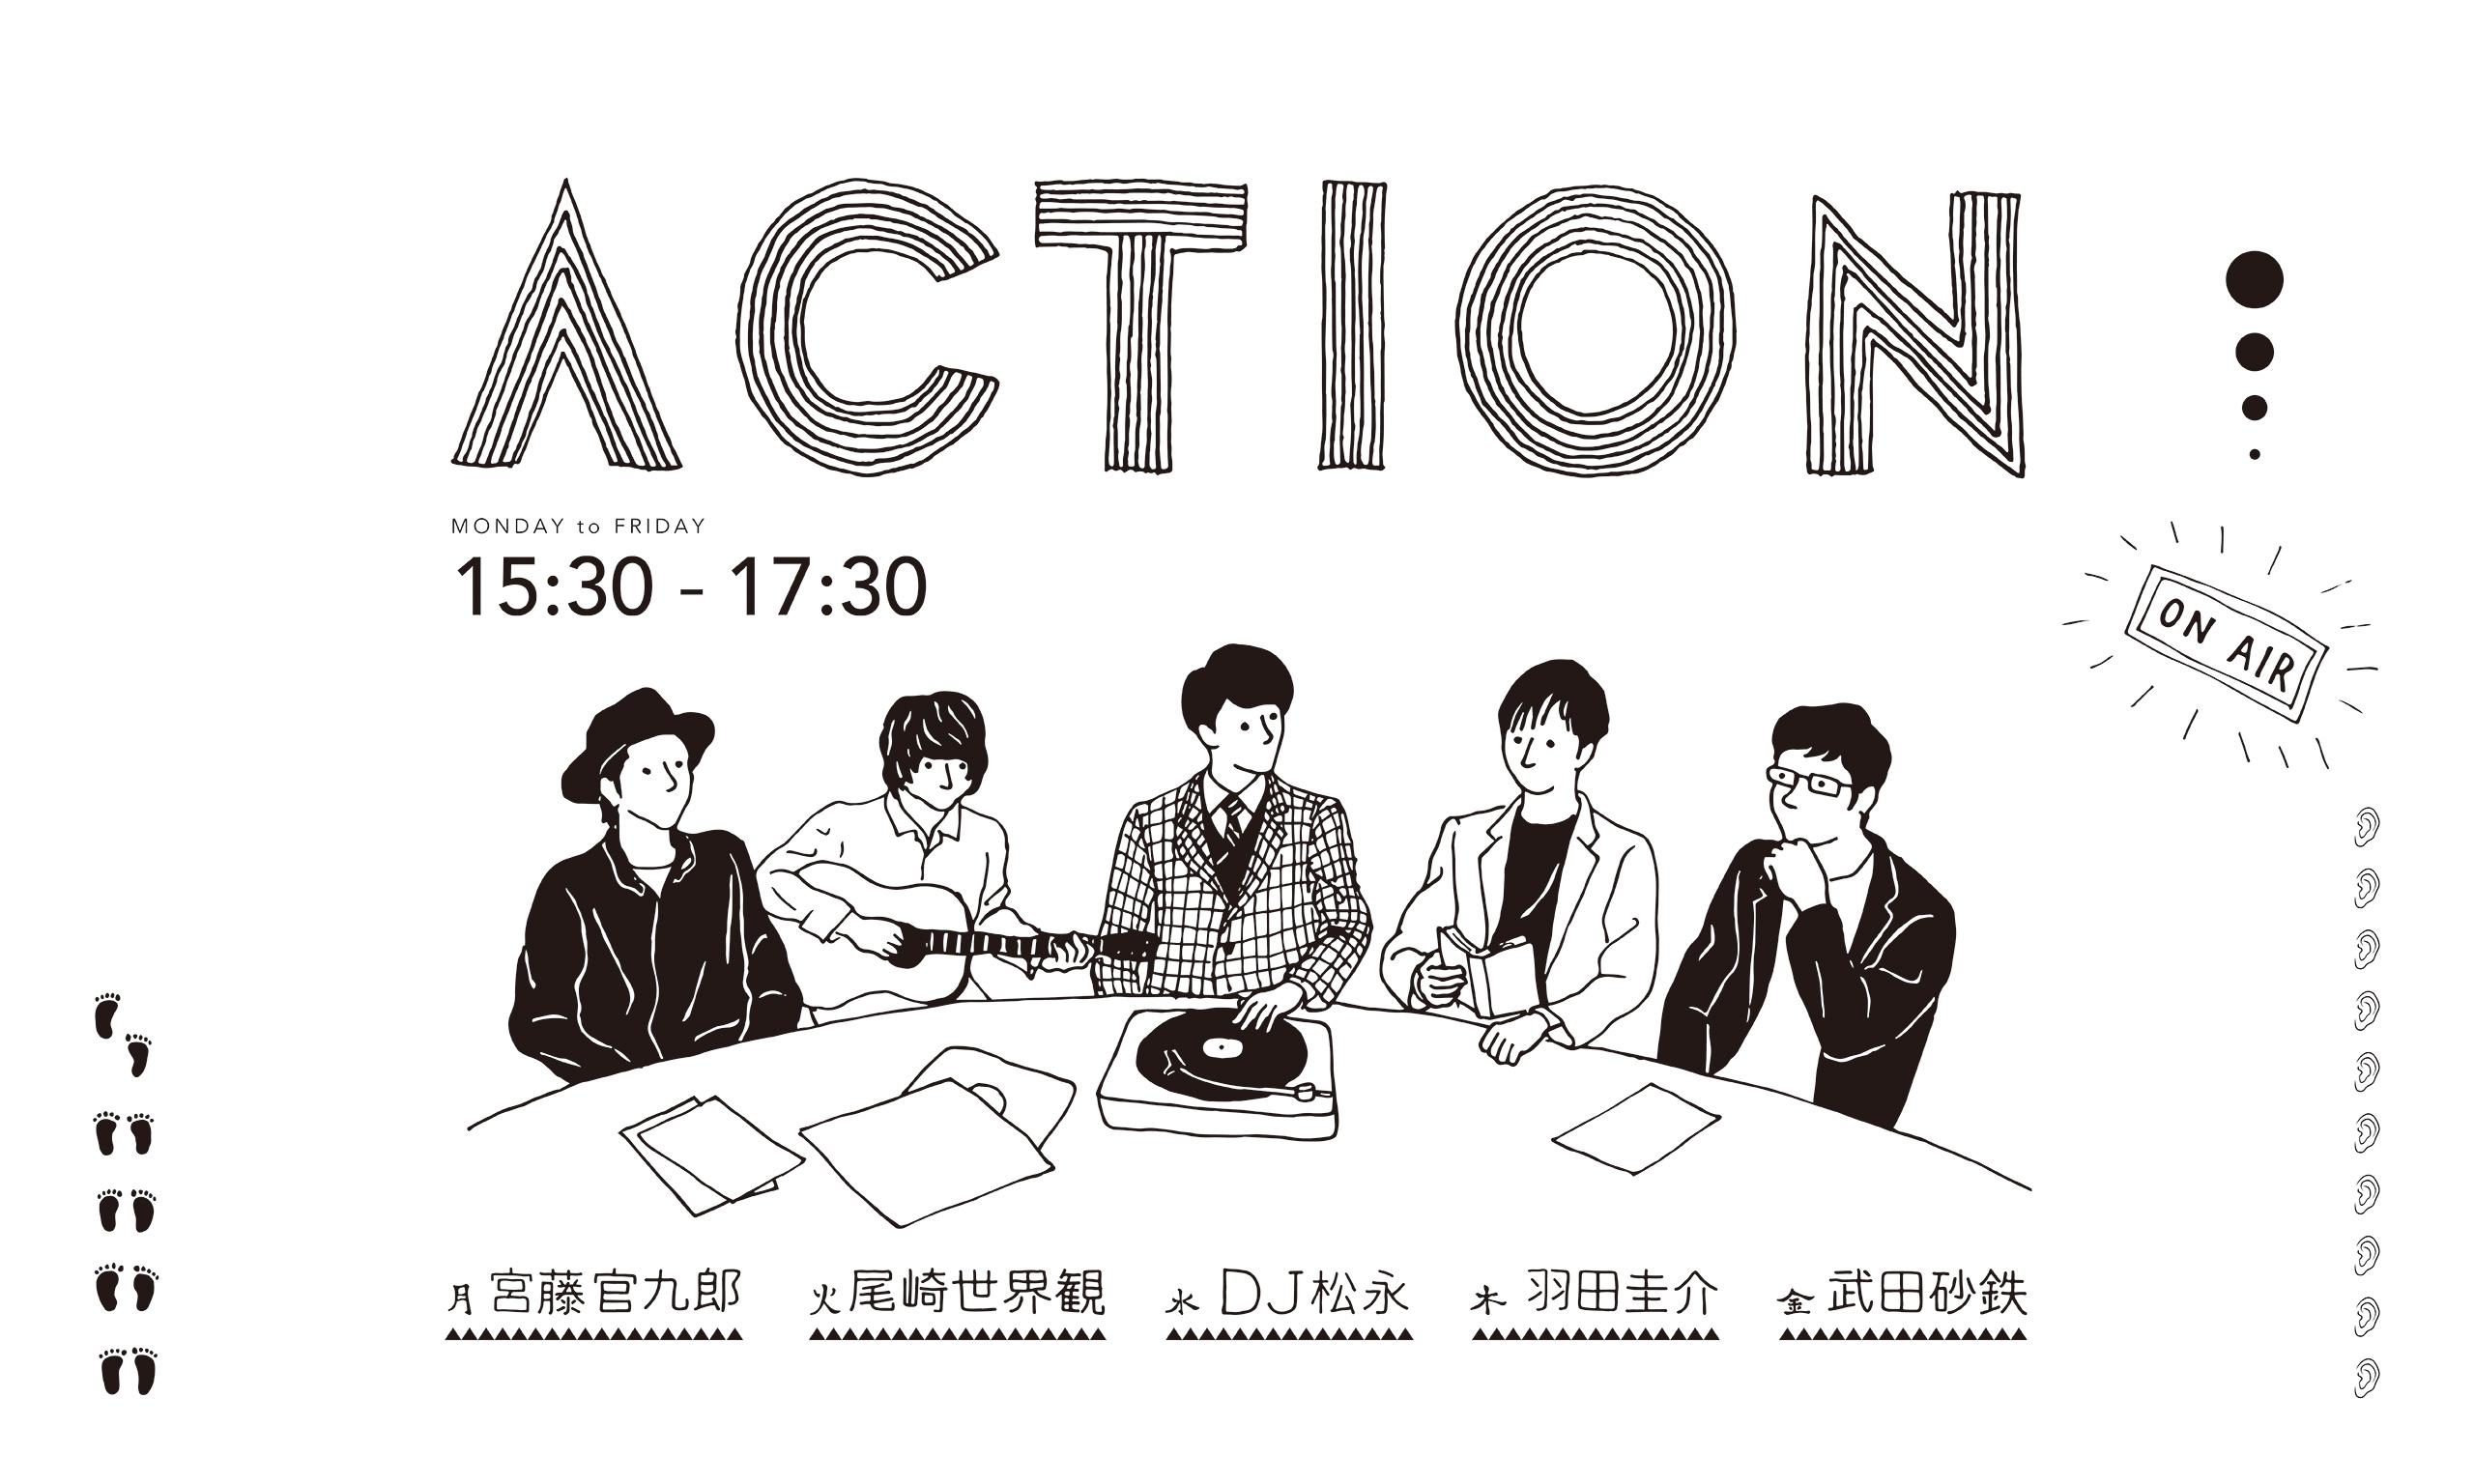 【ラジオ】5月23日(木)『ACTION』(TBSラジオ)でウェディングアドバイザー 有賀明美が作家 羽田圭介さんのラジオ番組に出演しました